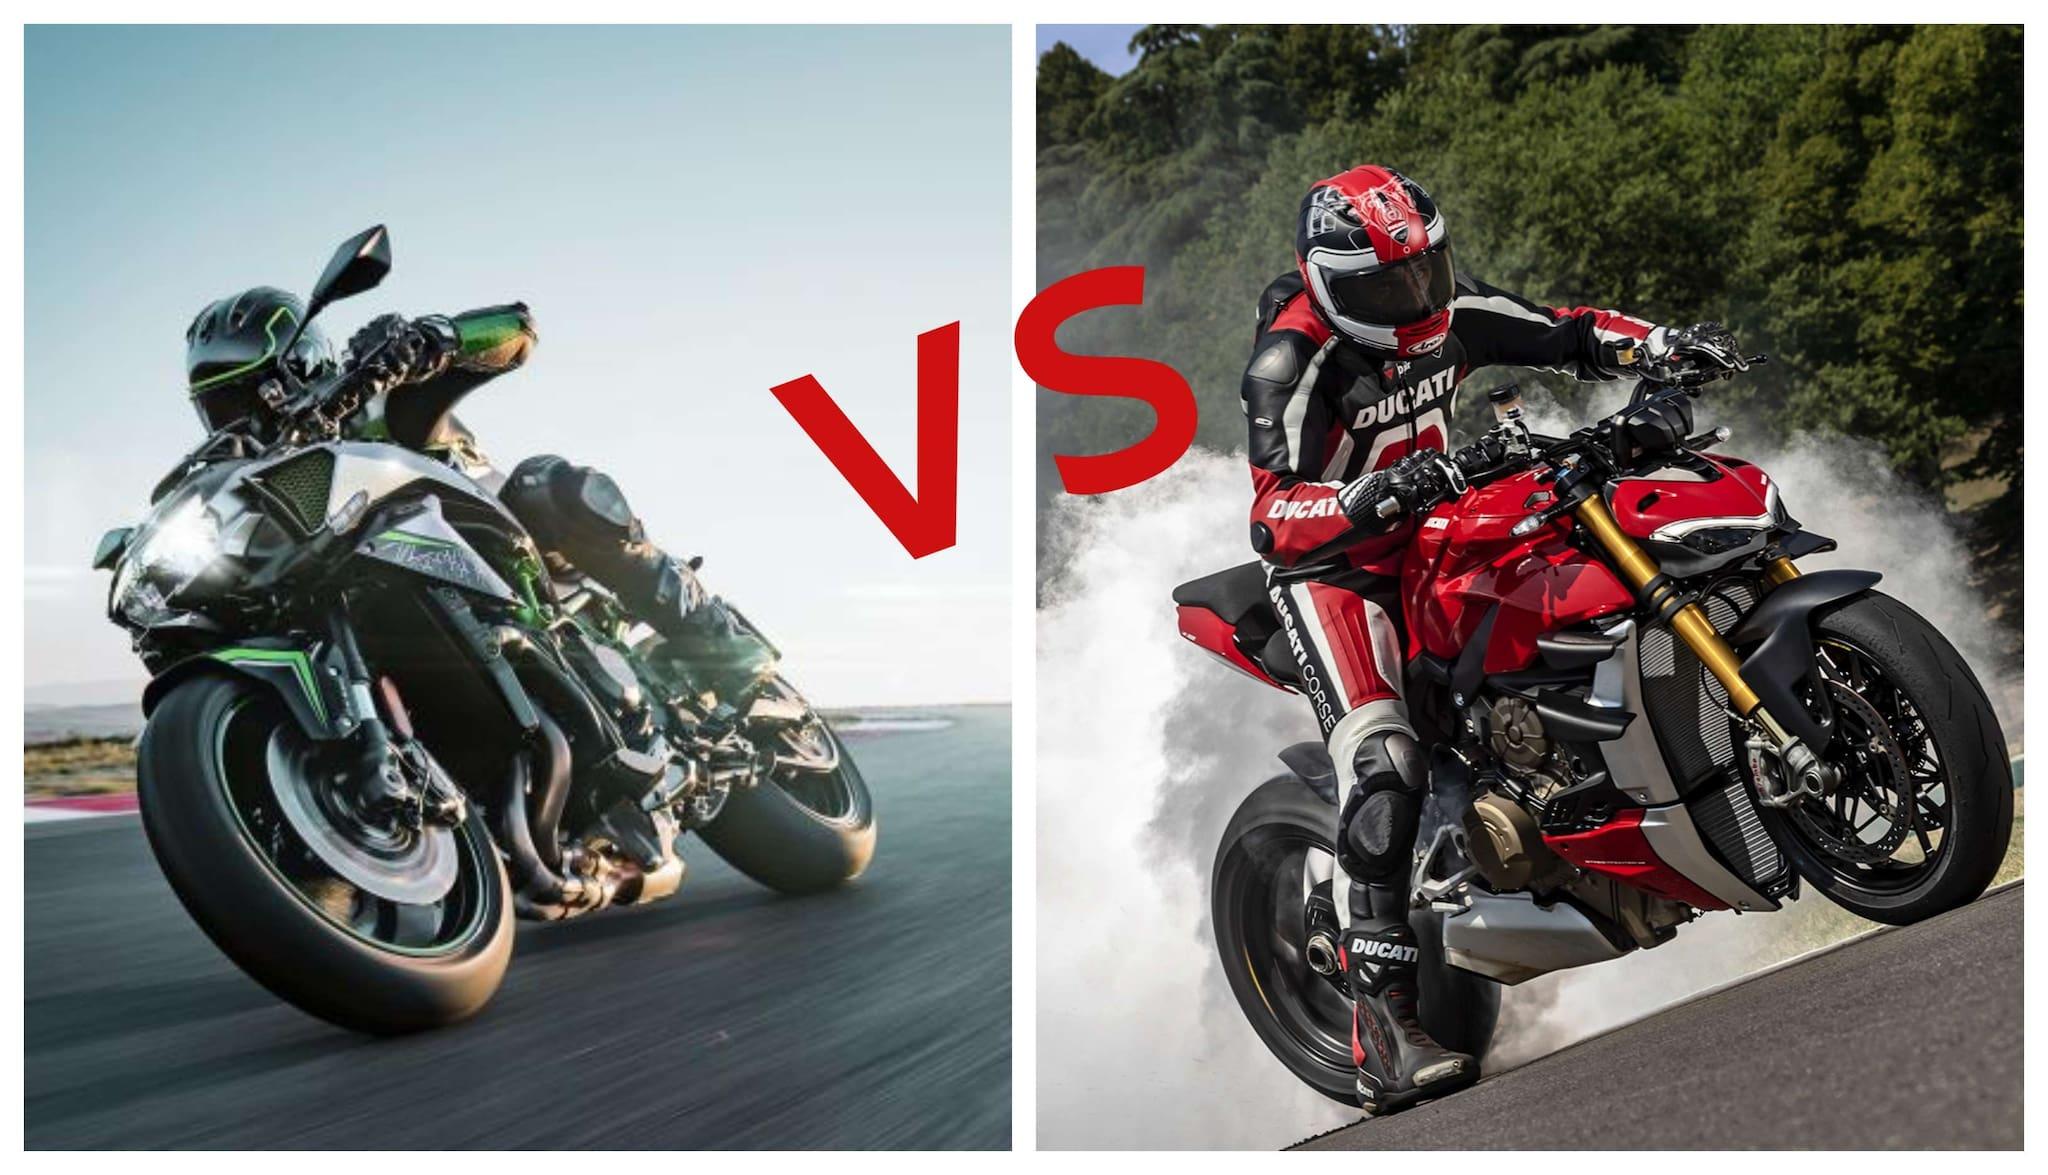 Perbandingan Kawasaki Z H2 VS Ducati Streetfighter V4, Mana yang Terbaik?